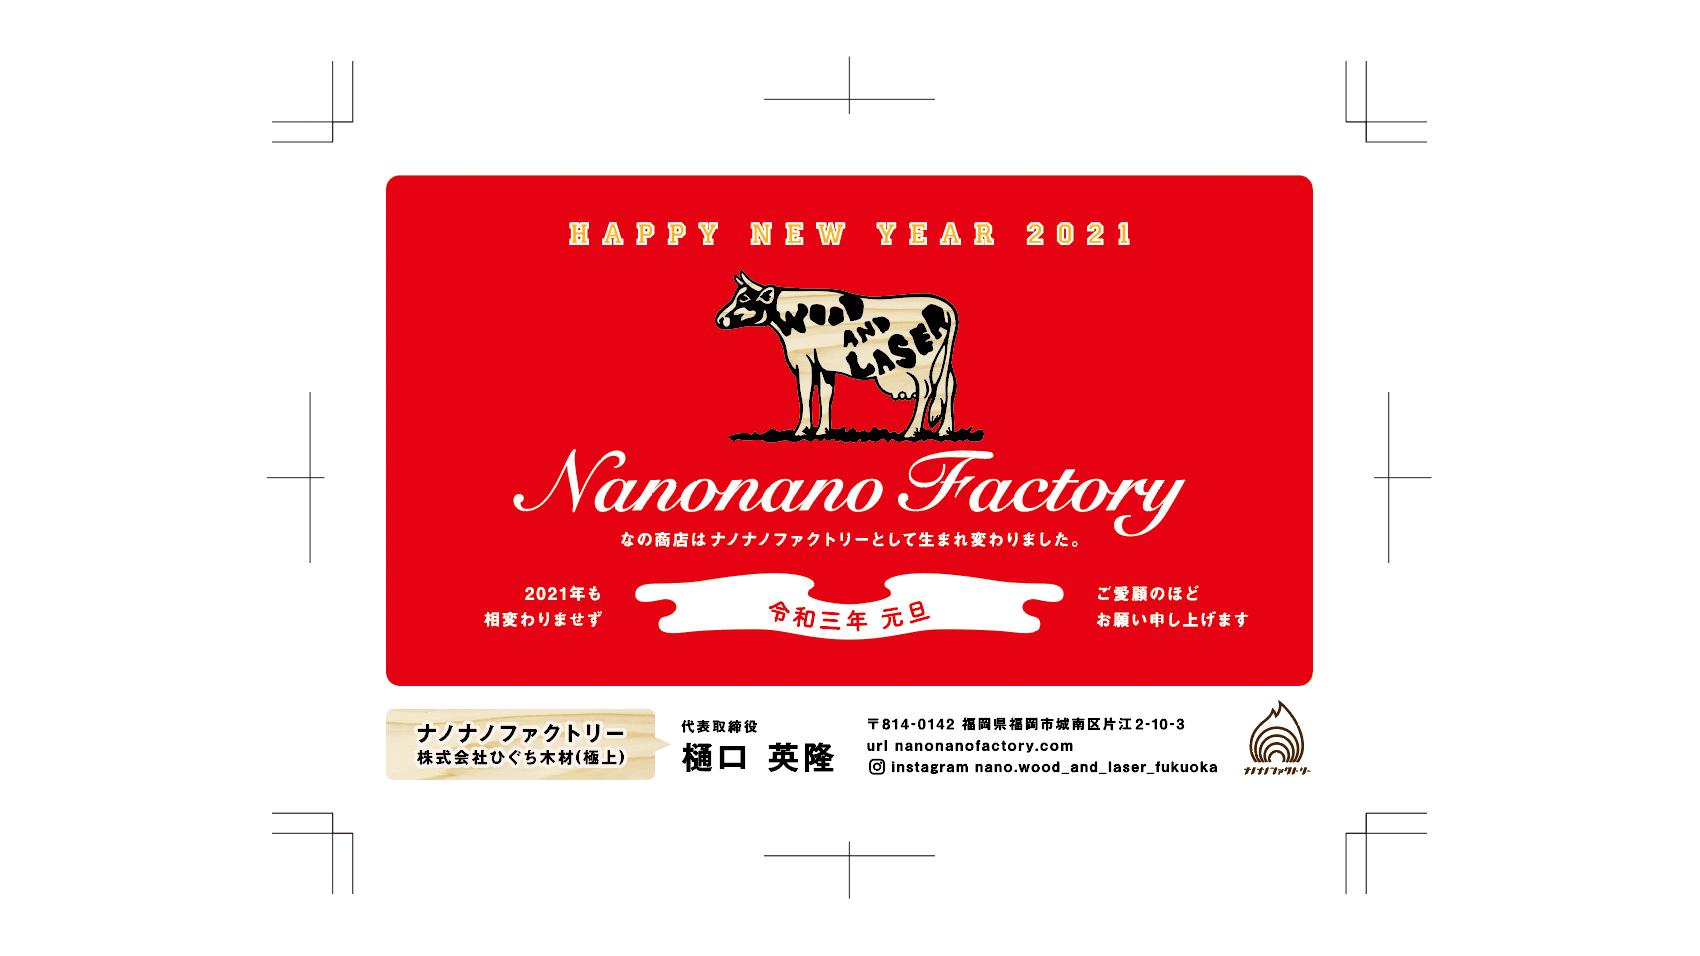 ナノナノファクトリーさんの年賀状デザイン